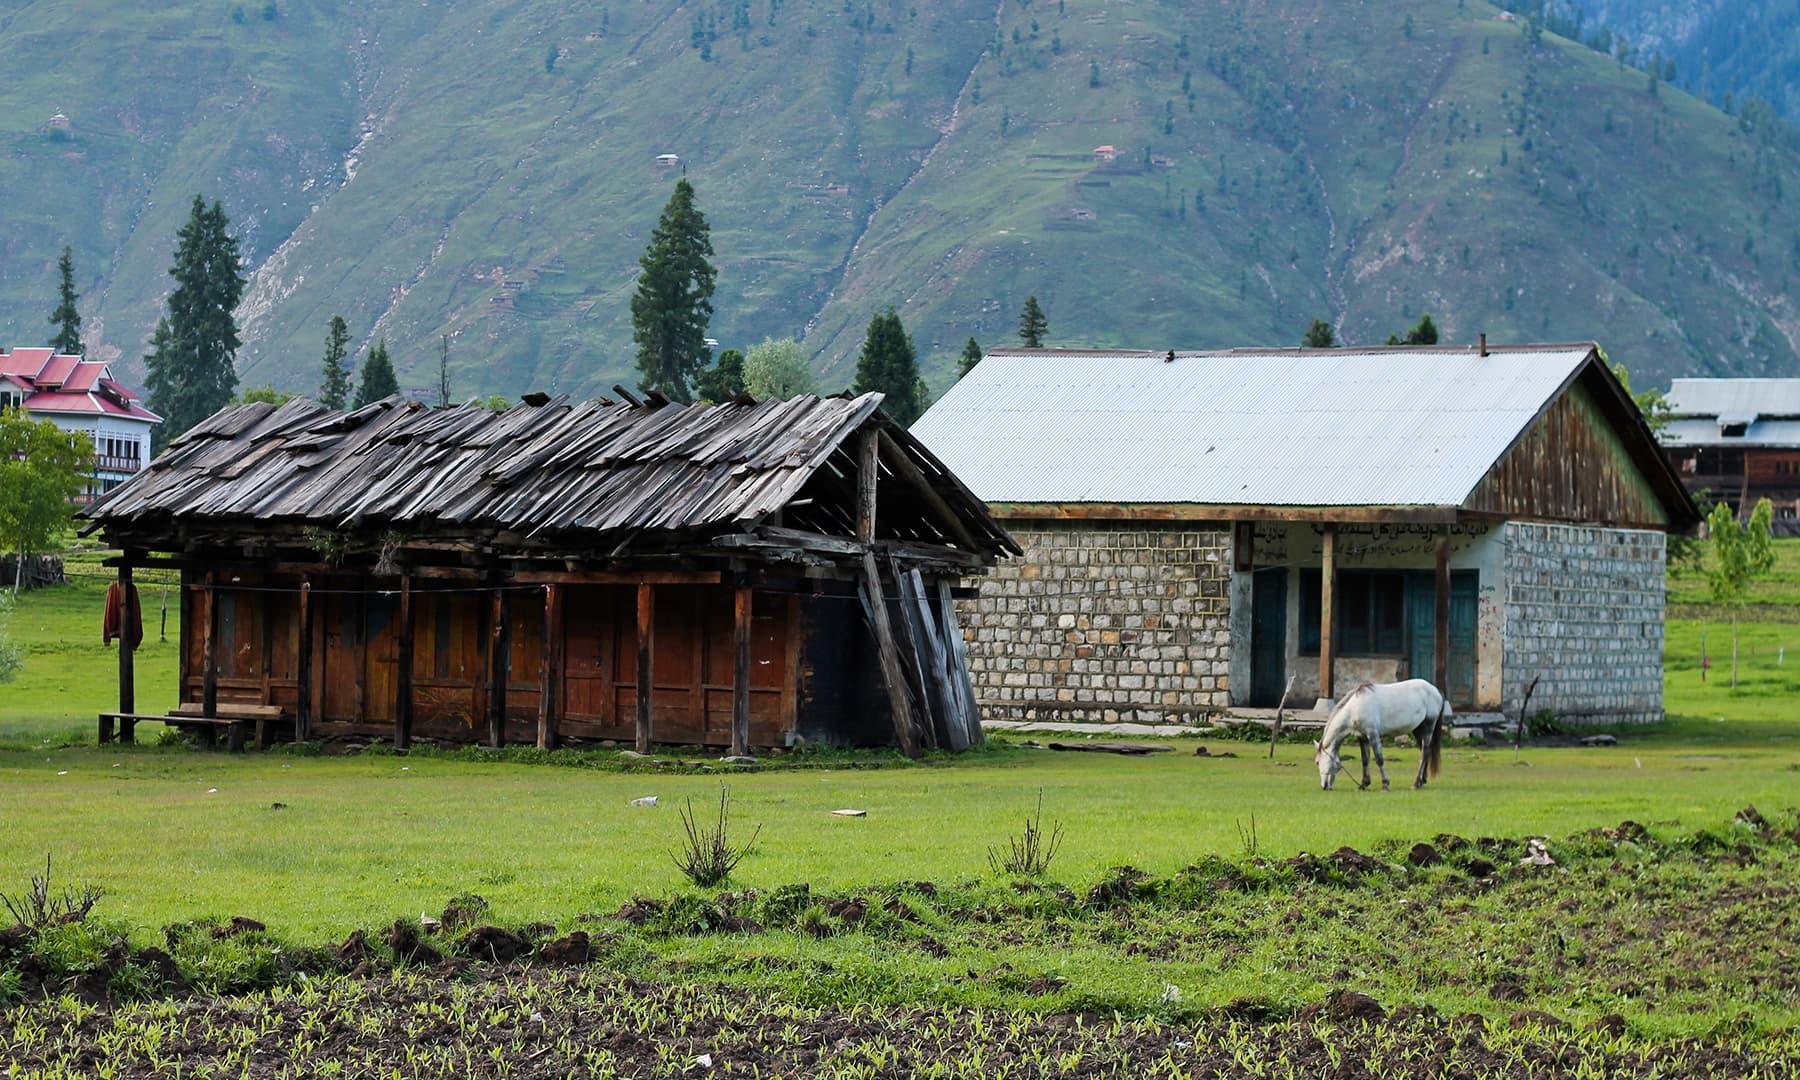 Huts in Arang Kel village. —Asif Mahmood